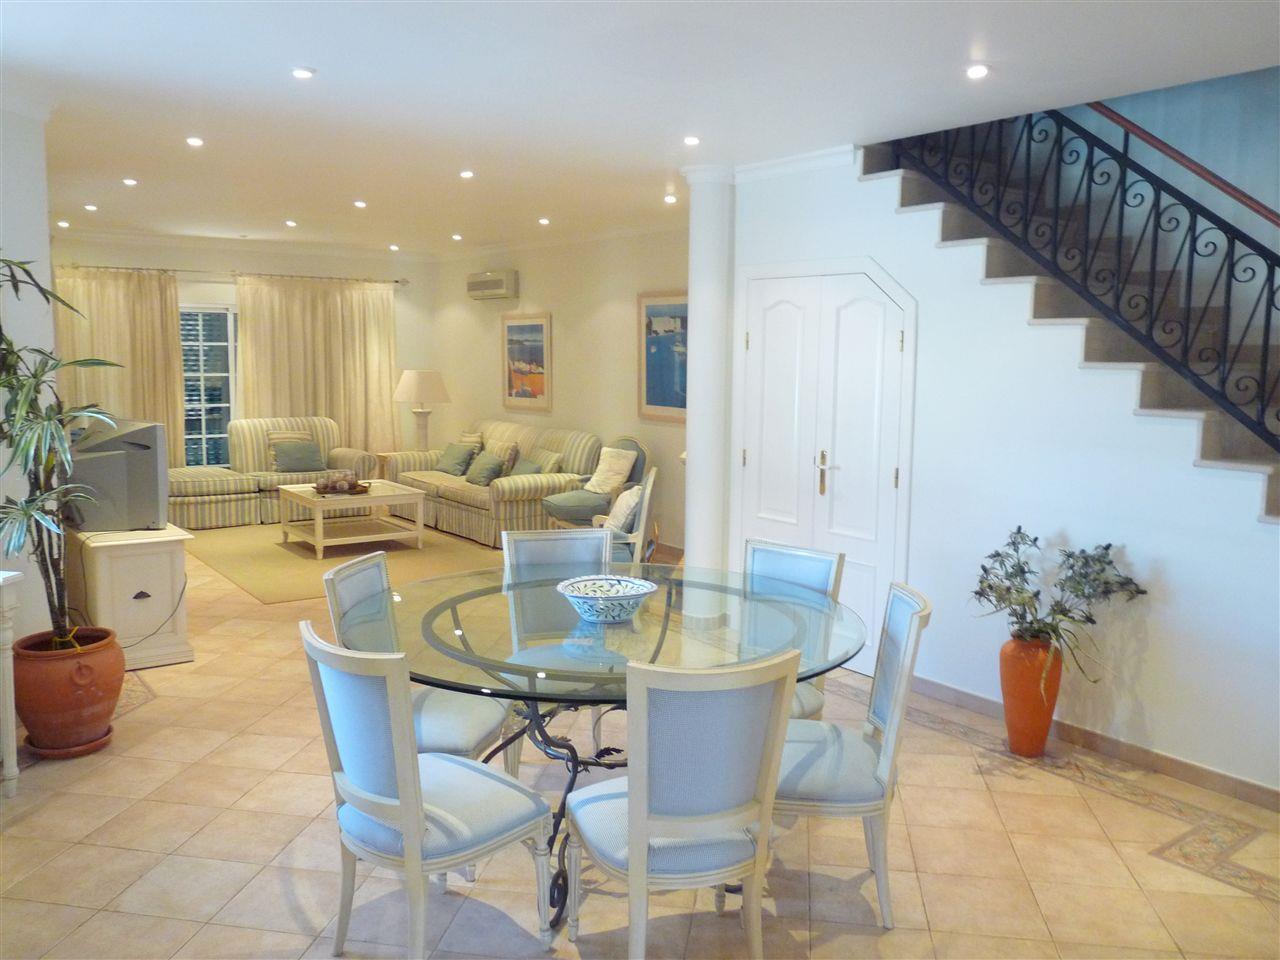 公寓 為 出售 在 Flat, 3 bedrooms, for Sale Loule, Algarve 8135- 葡萄牙